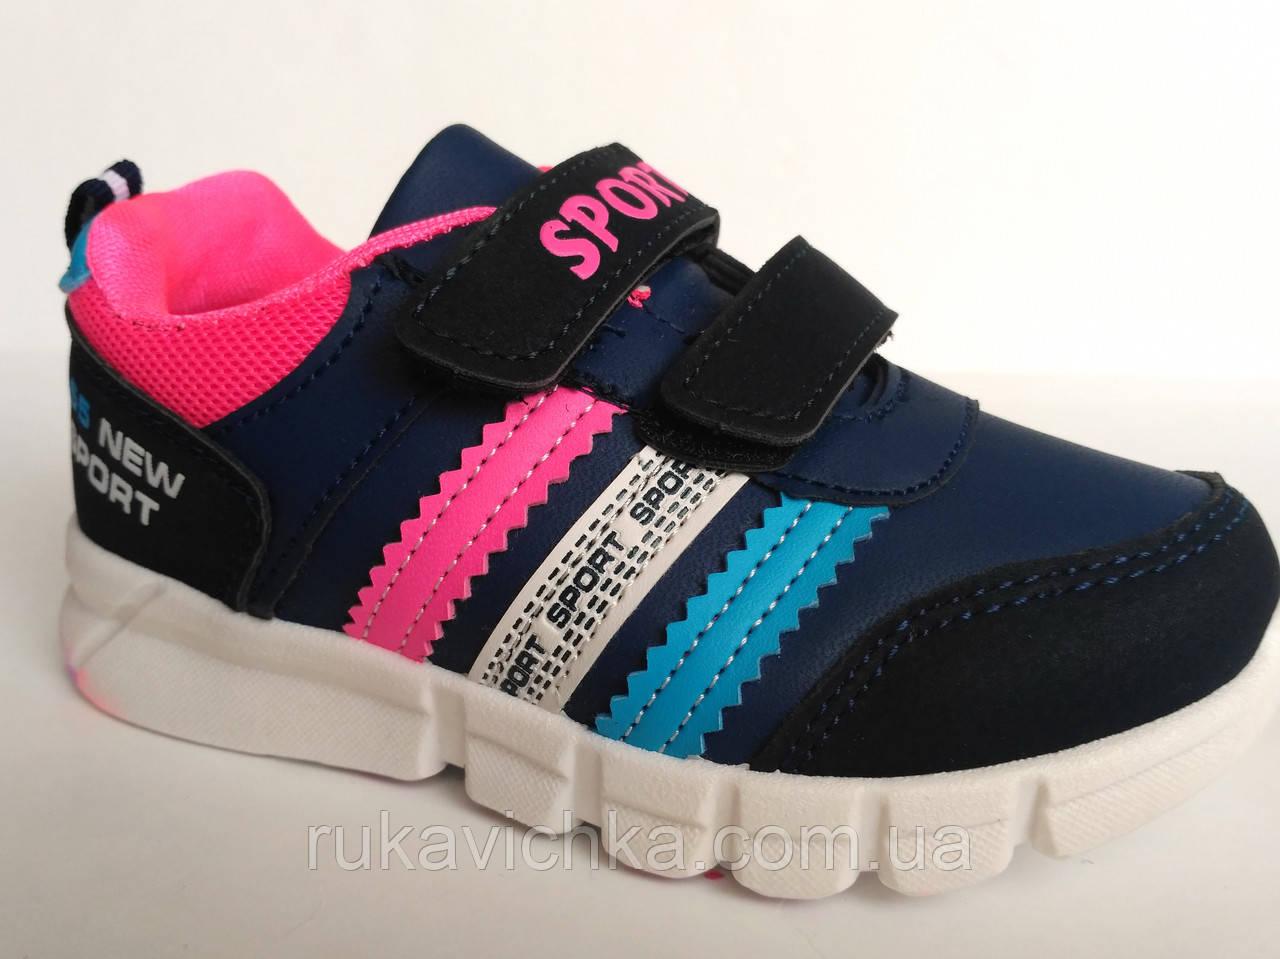 76f3cf2f Яркие и модные кроссовки для девочки бренда Alemy Kids, р. 25 - 15,5 ...